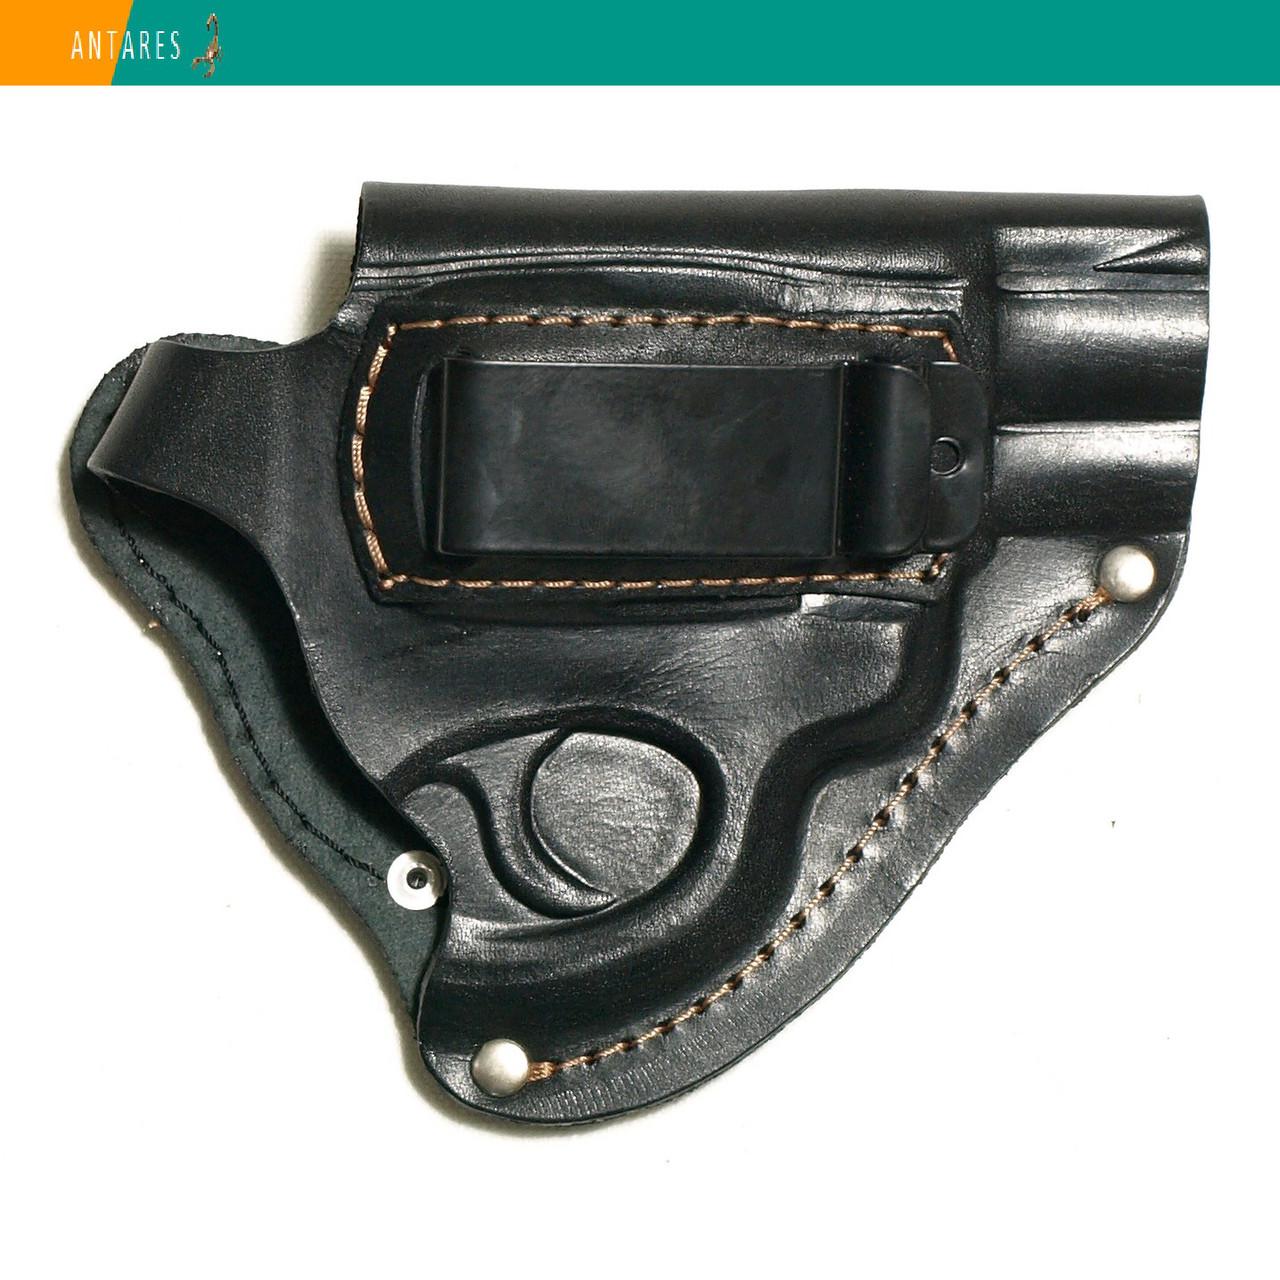 Кобура револьверы поясная натуральная кожа скрытое ношение (008)